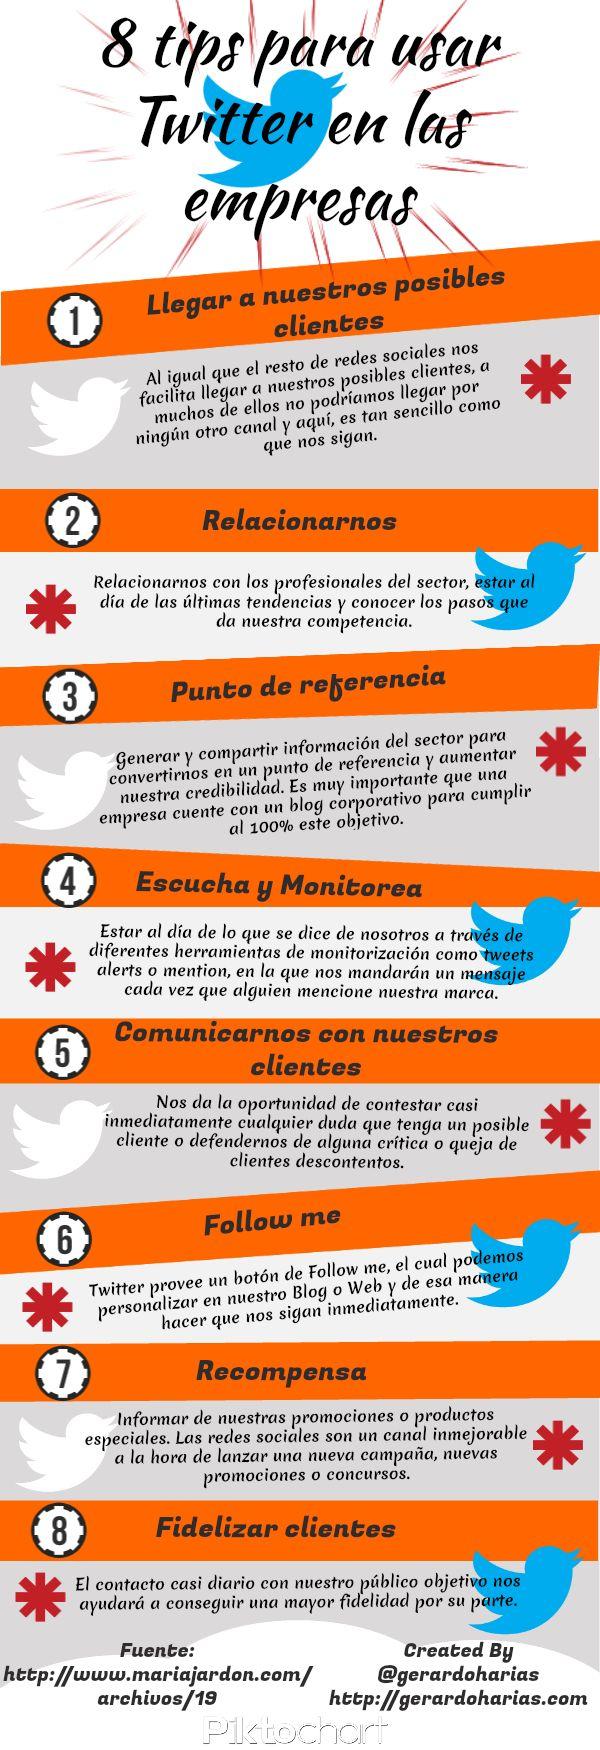 consejos twitter empresas